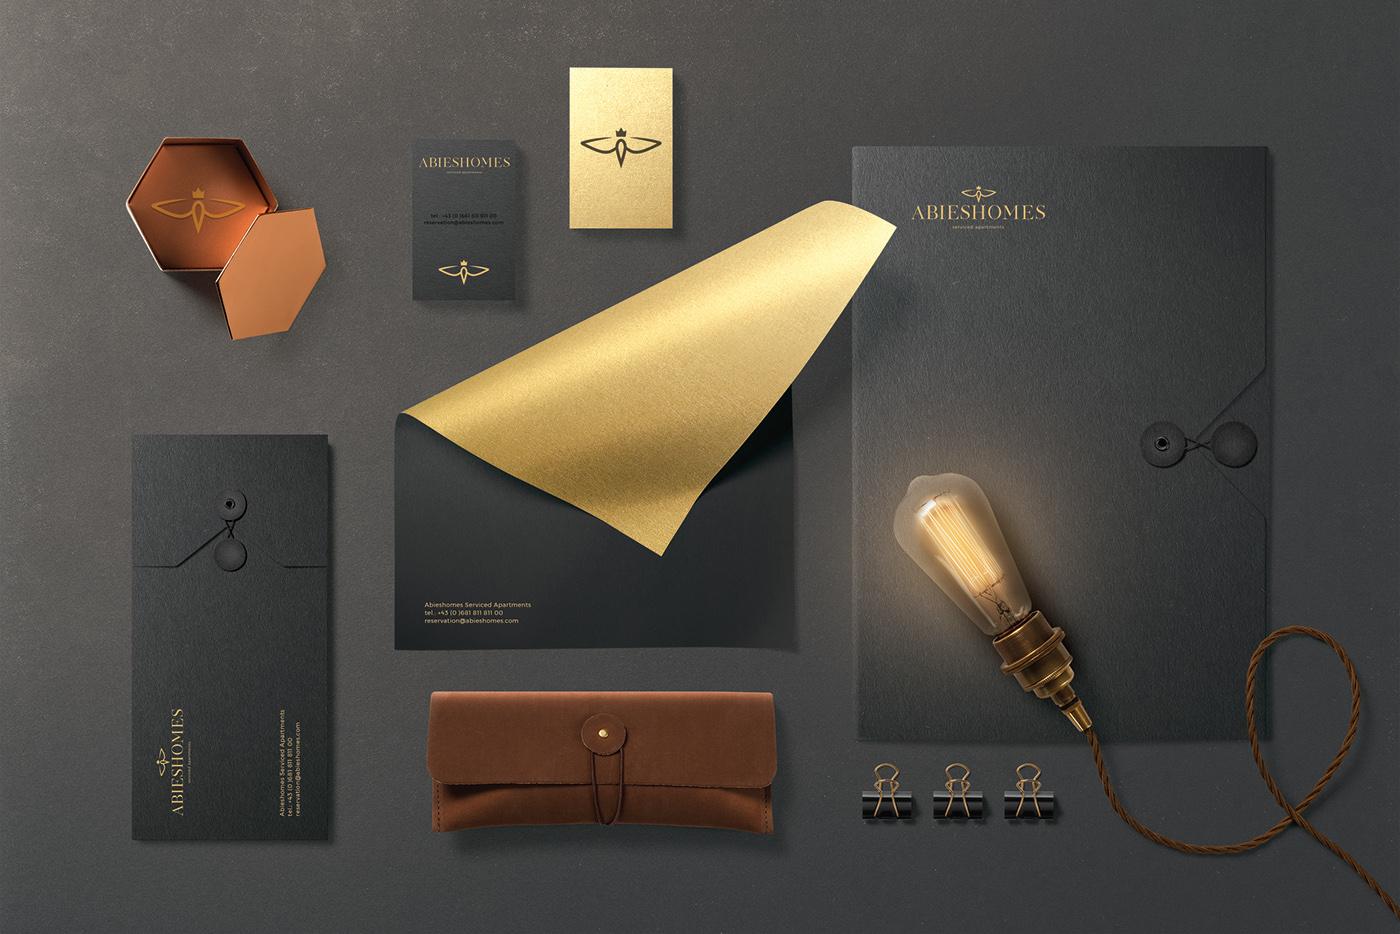 Abieshomes Branding